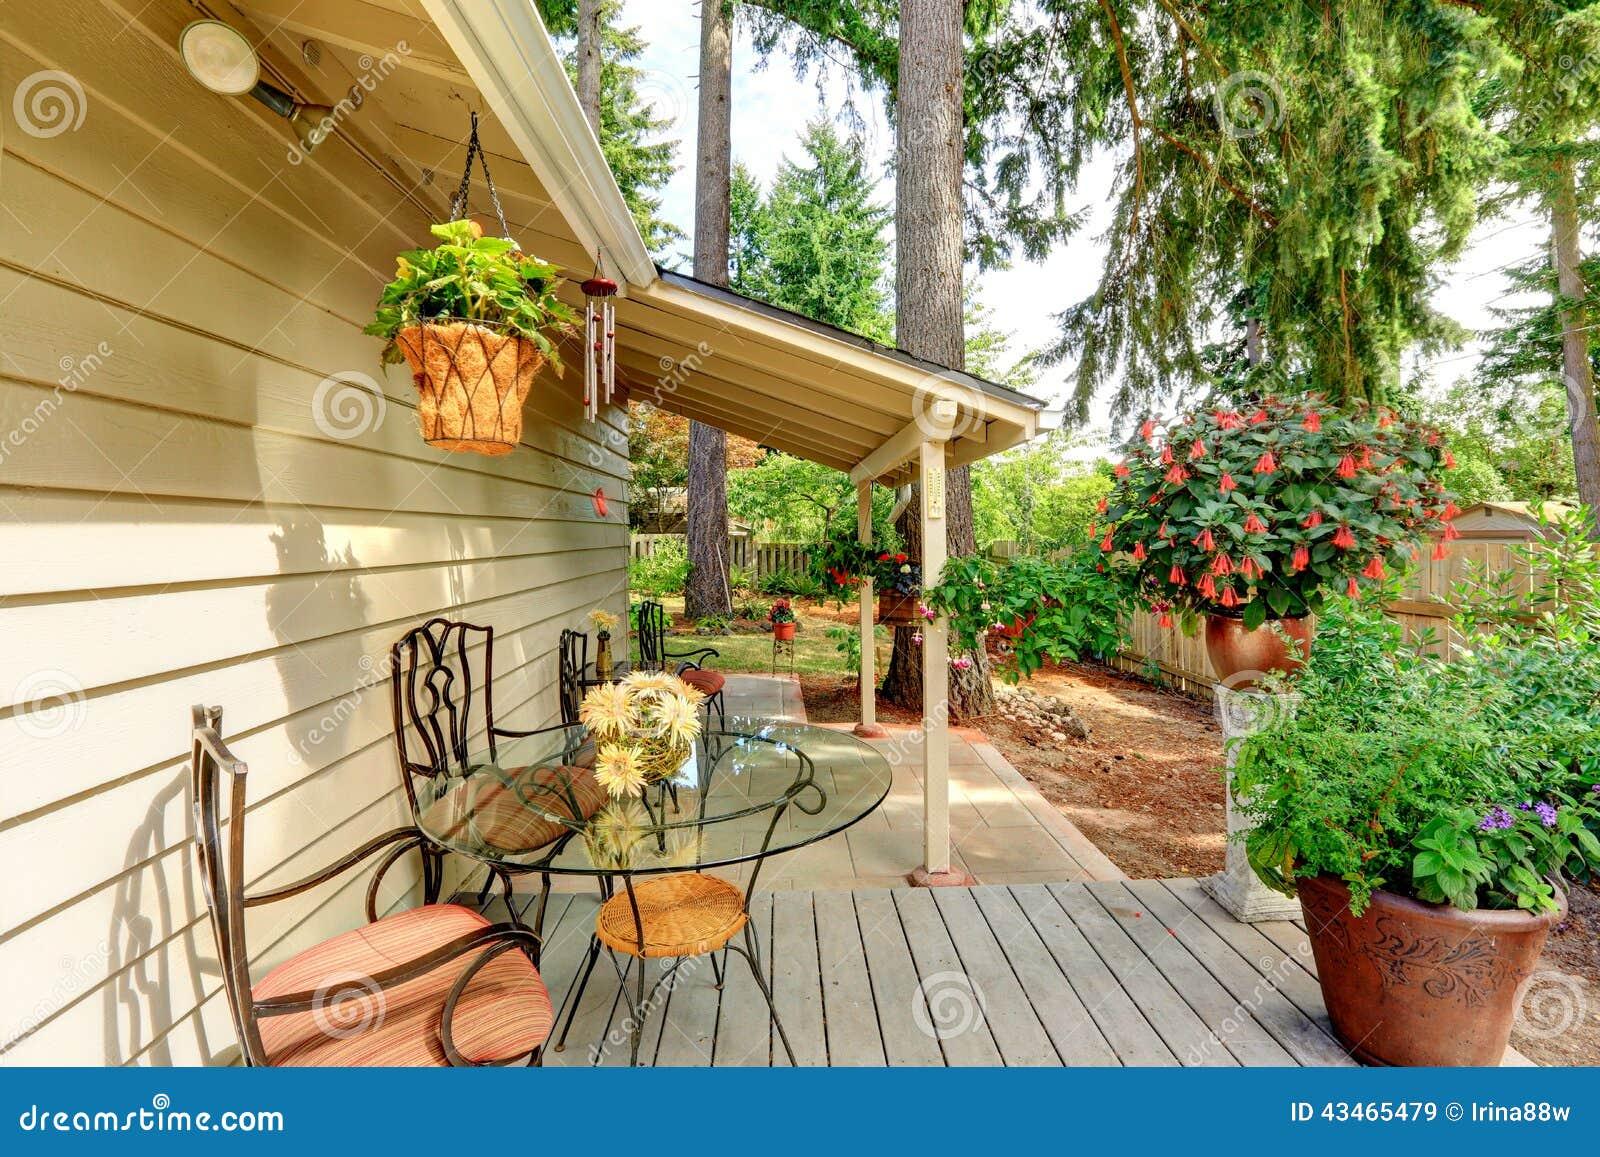 Countryside house backyard with flower pots stock photo - Exteriores de casas de campo ...